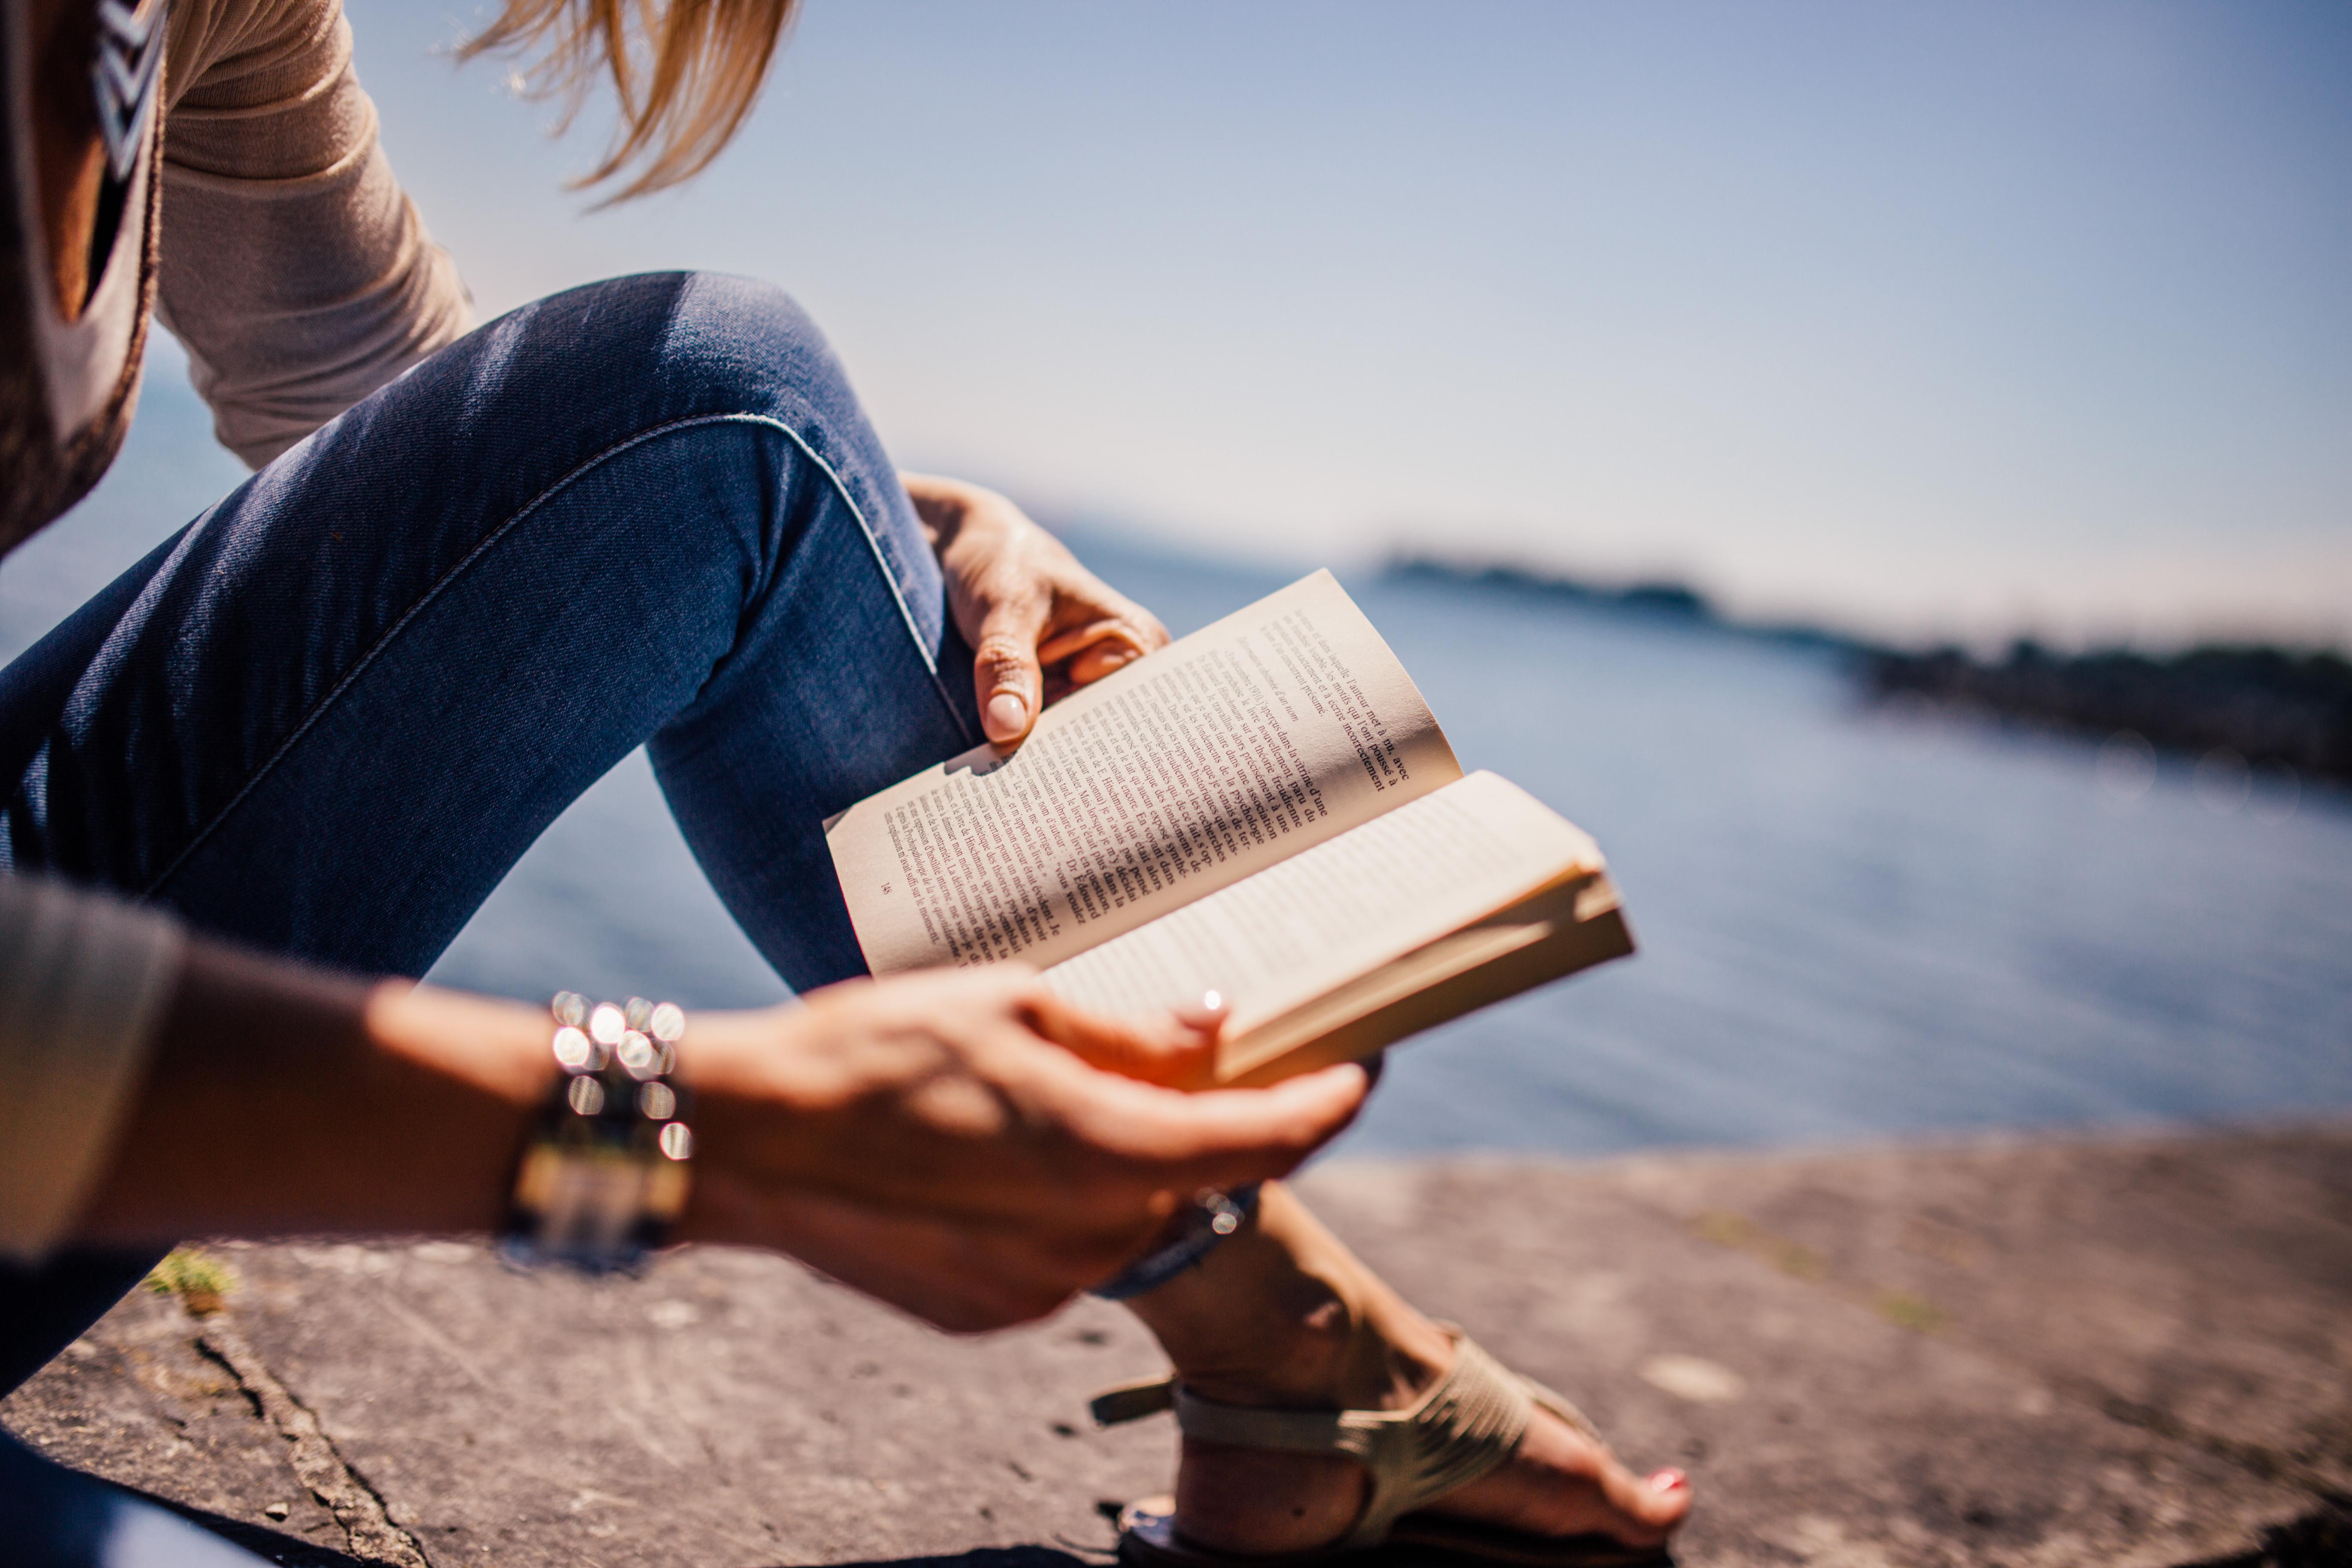 7 Livros de Reiki e Desenvolvimento Pessoal para o Verão